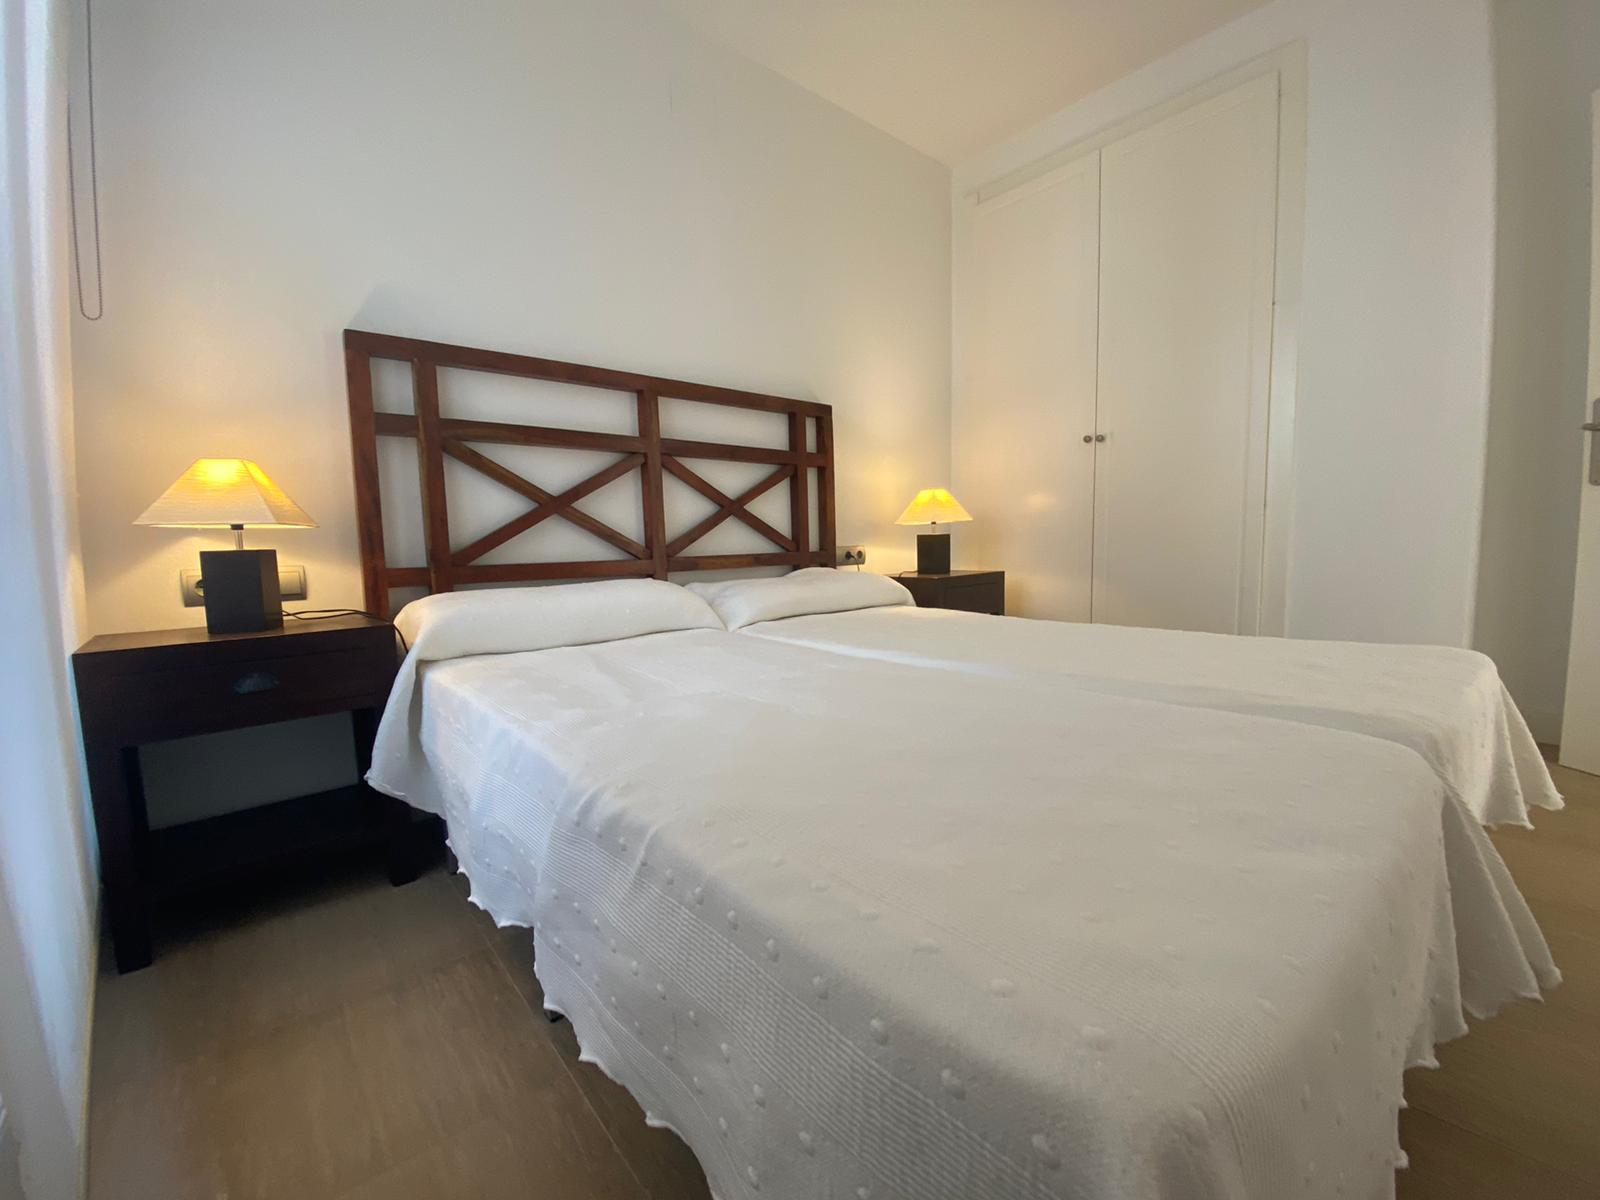 Imagen 40 del Apartamento Turístico, Ático 1 Levante (3d+2b), Punta del Moral (HUELVA), Paseo de la Cruz nº22